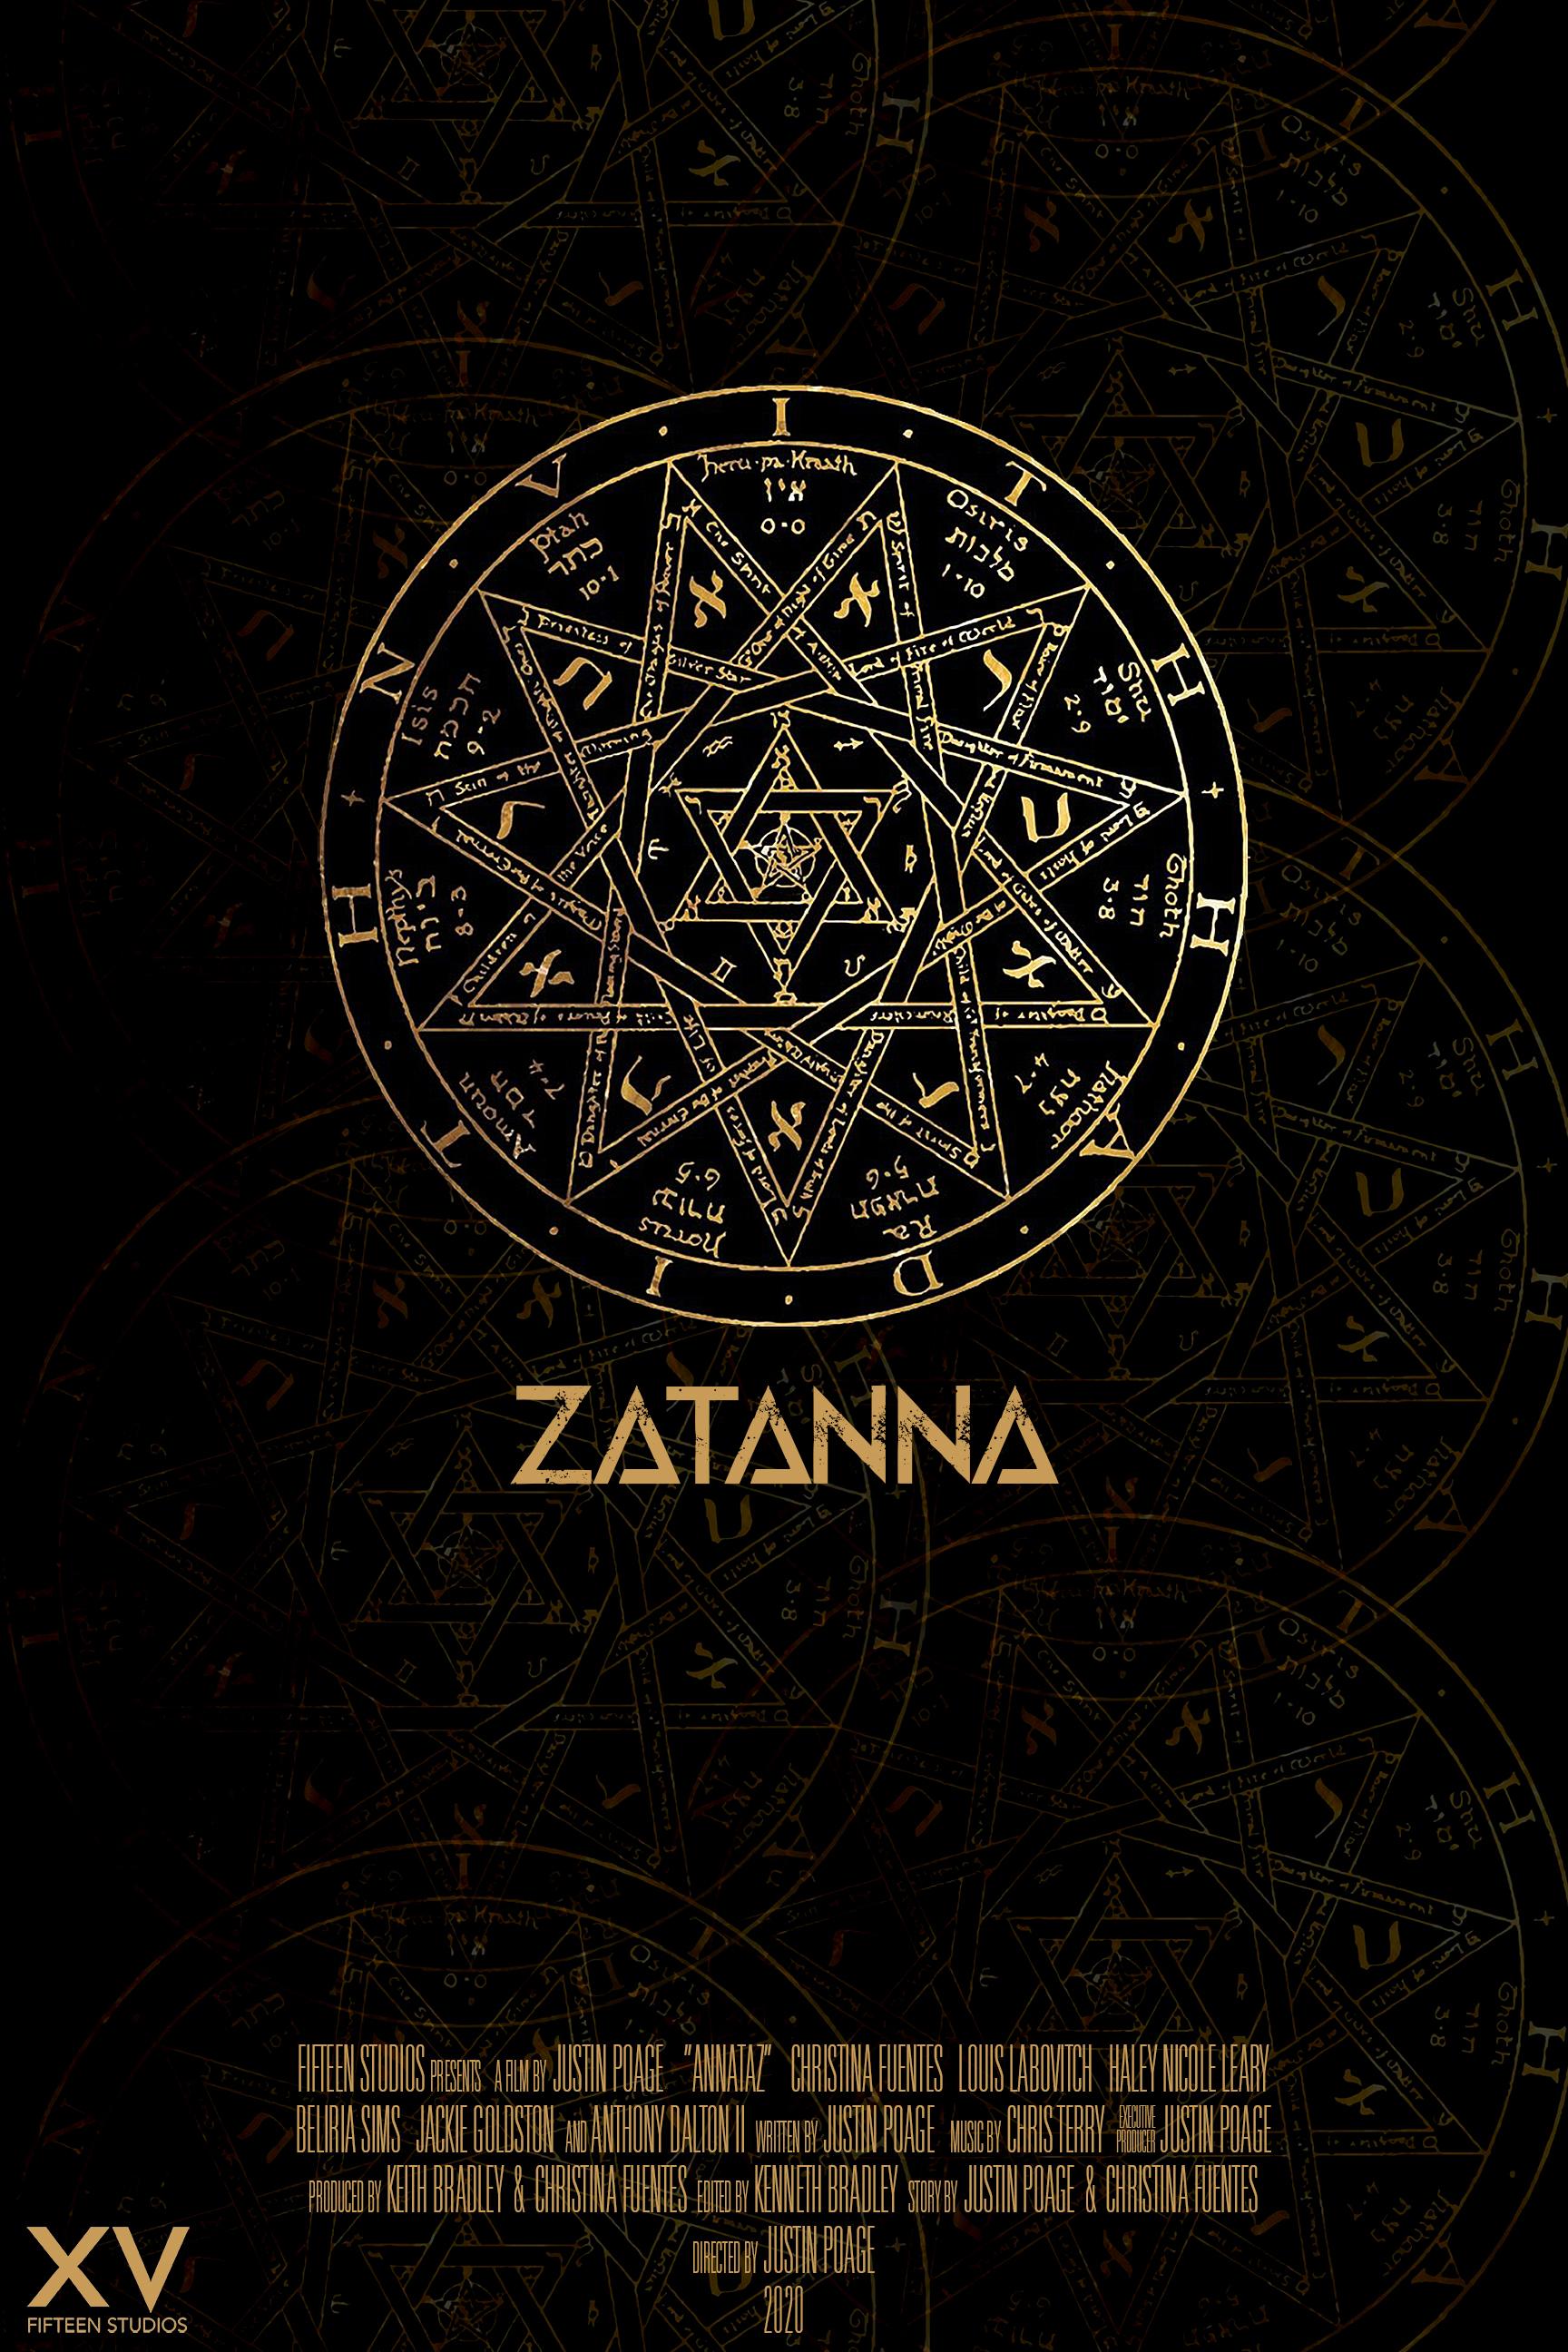 Zatanna - A Fan Film (2020)